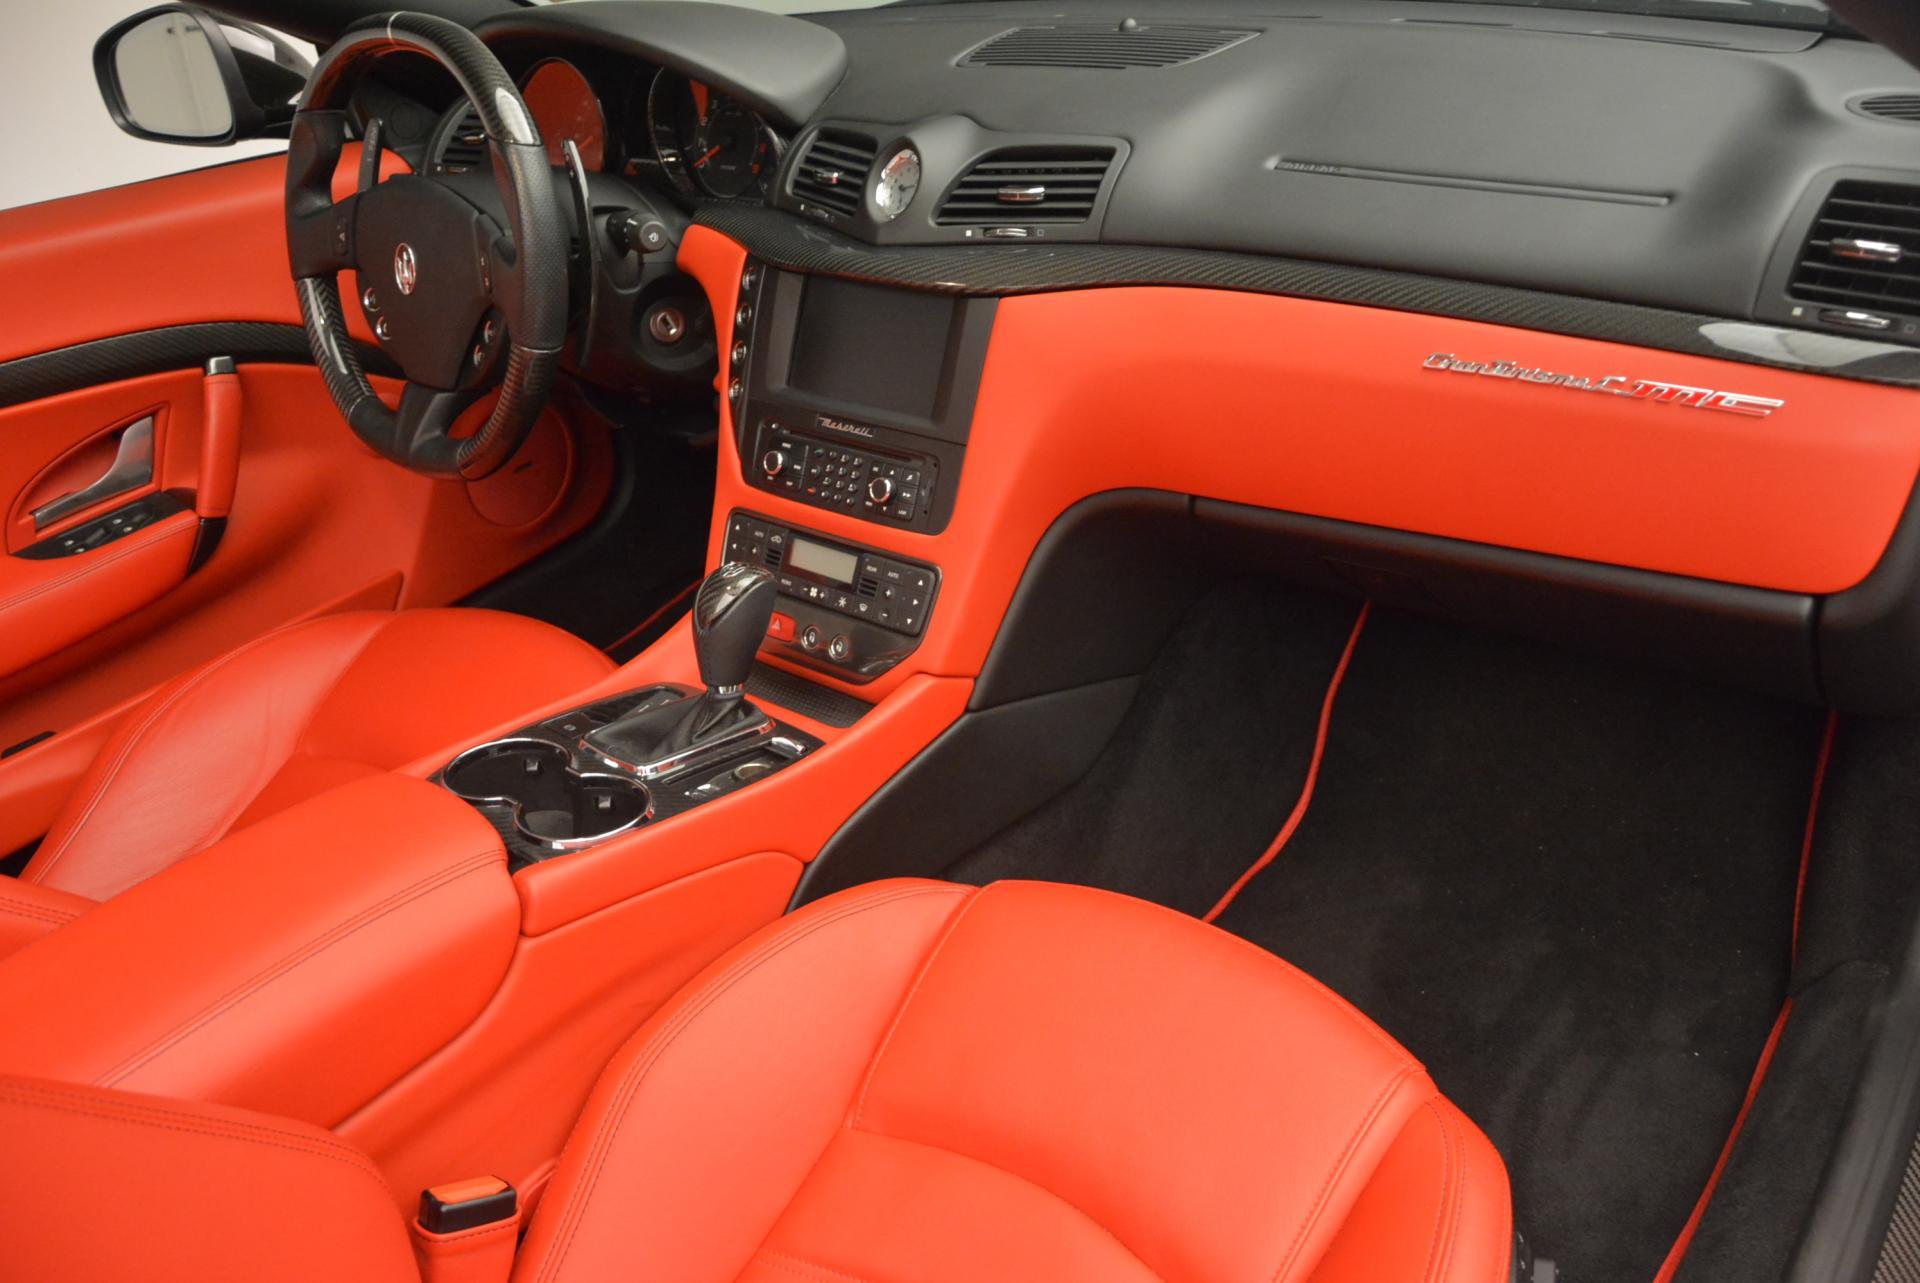 Used 2013 Maserati GranTurismo MC For Sale In Westport, CT 521_p27